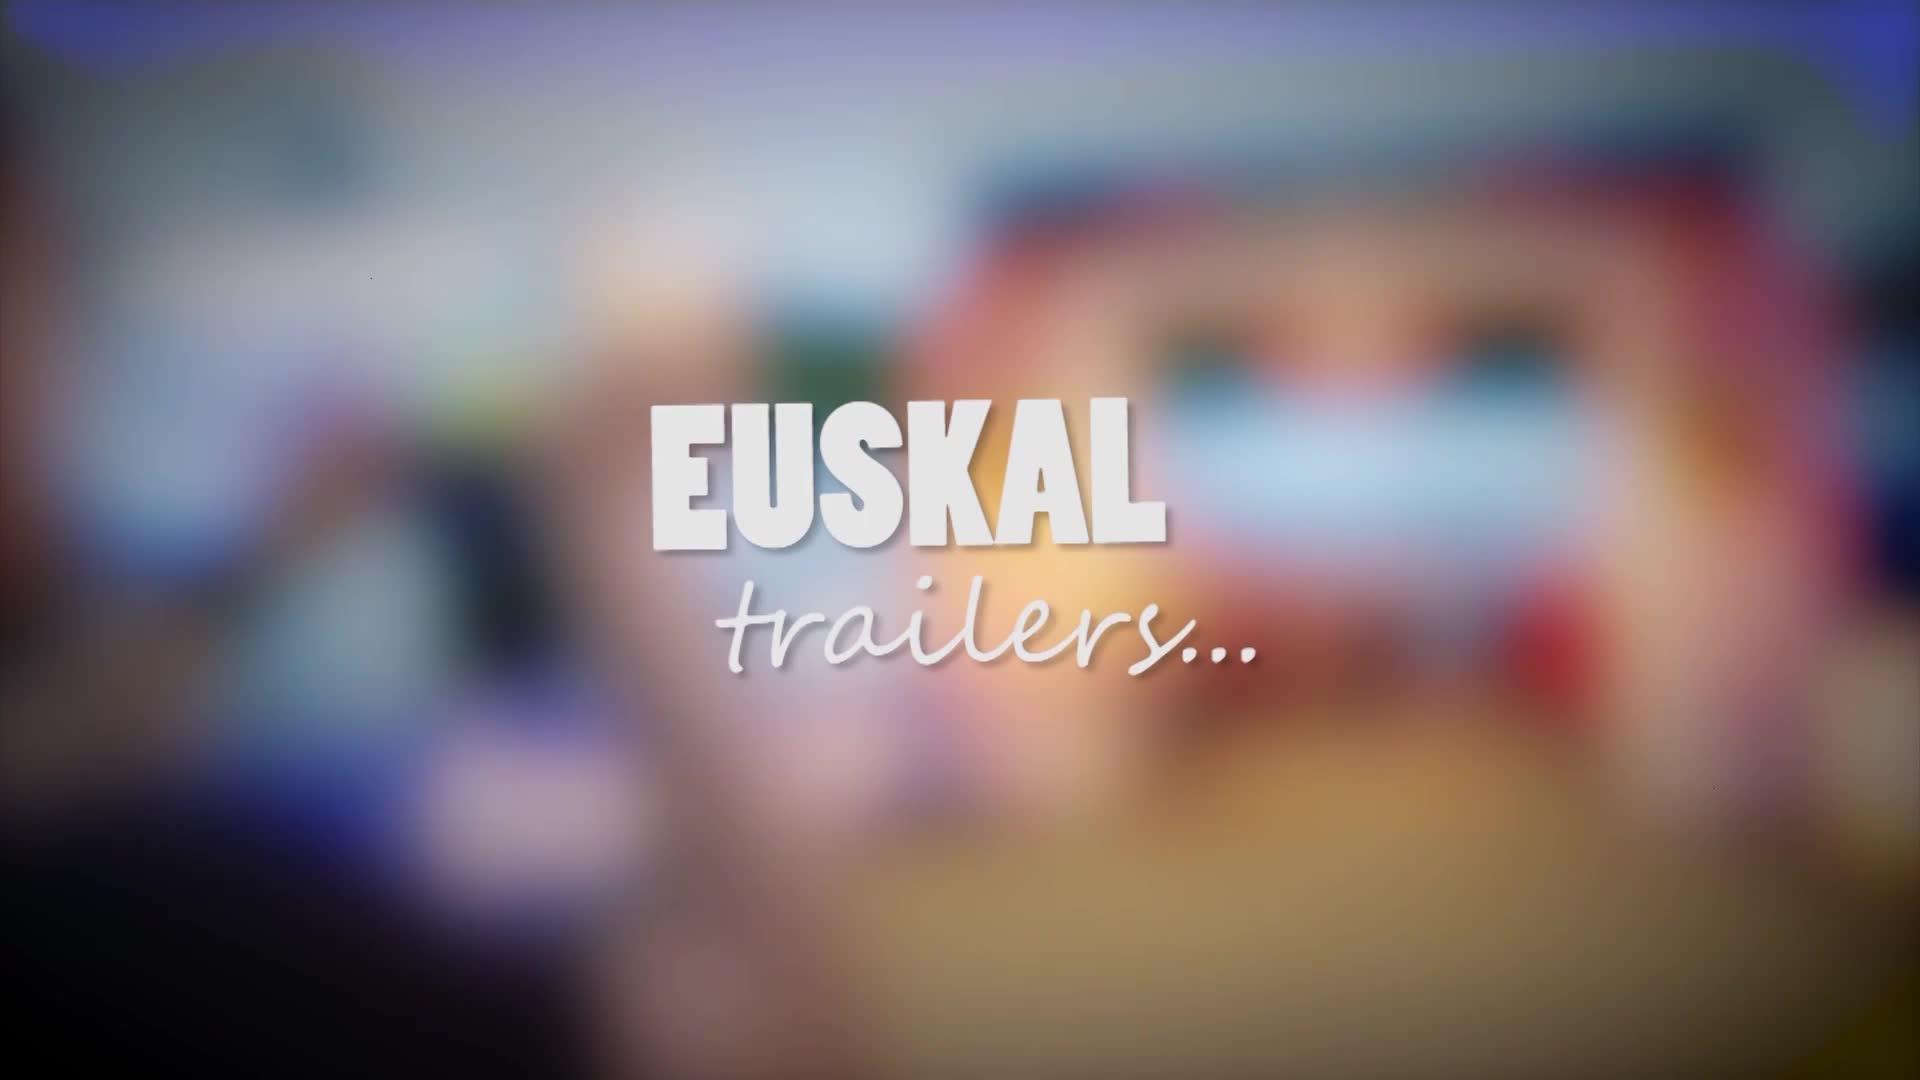 Euskal Trail 2017: Tote GOYENETCHEren lekukotasuna